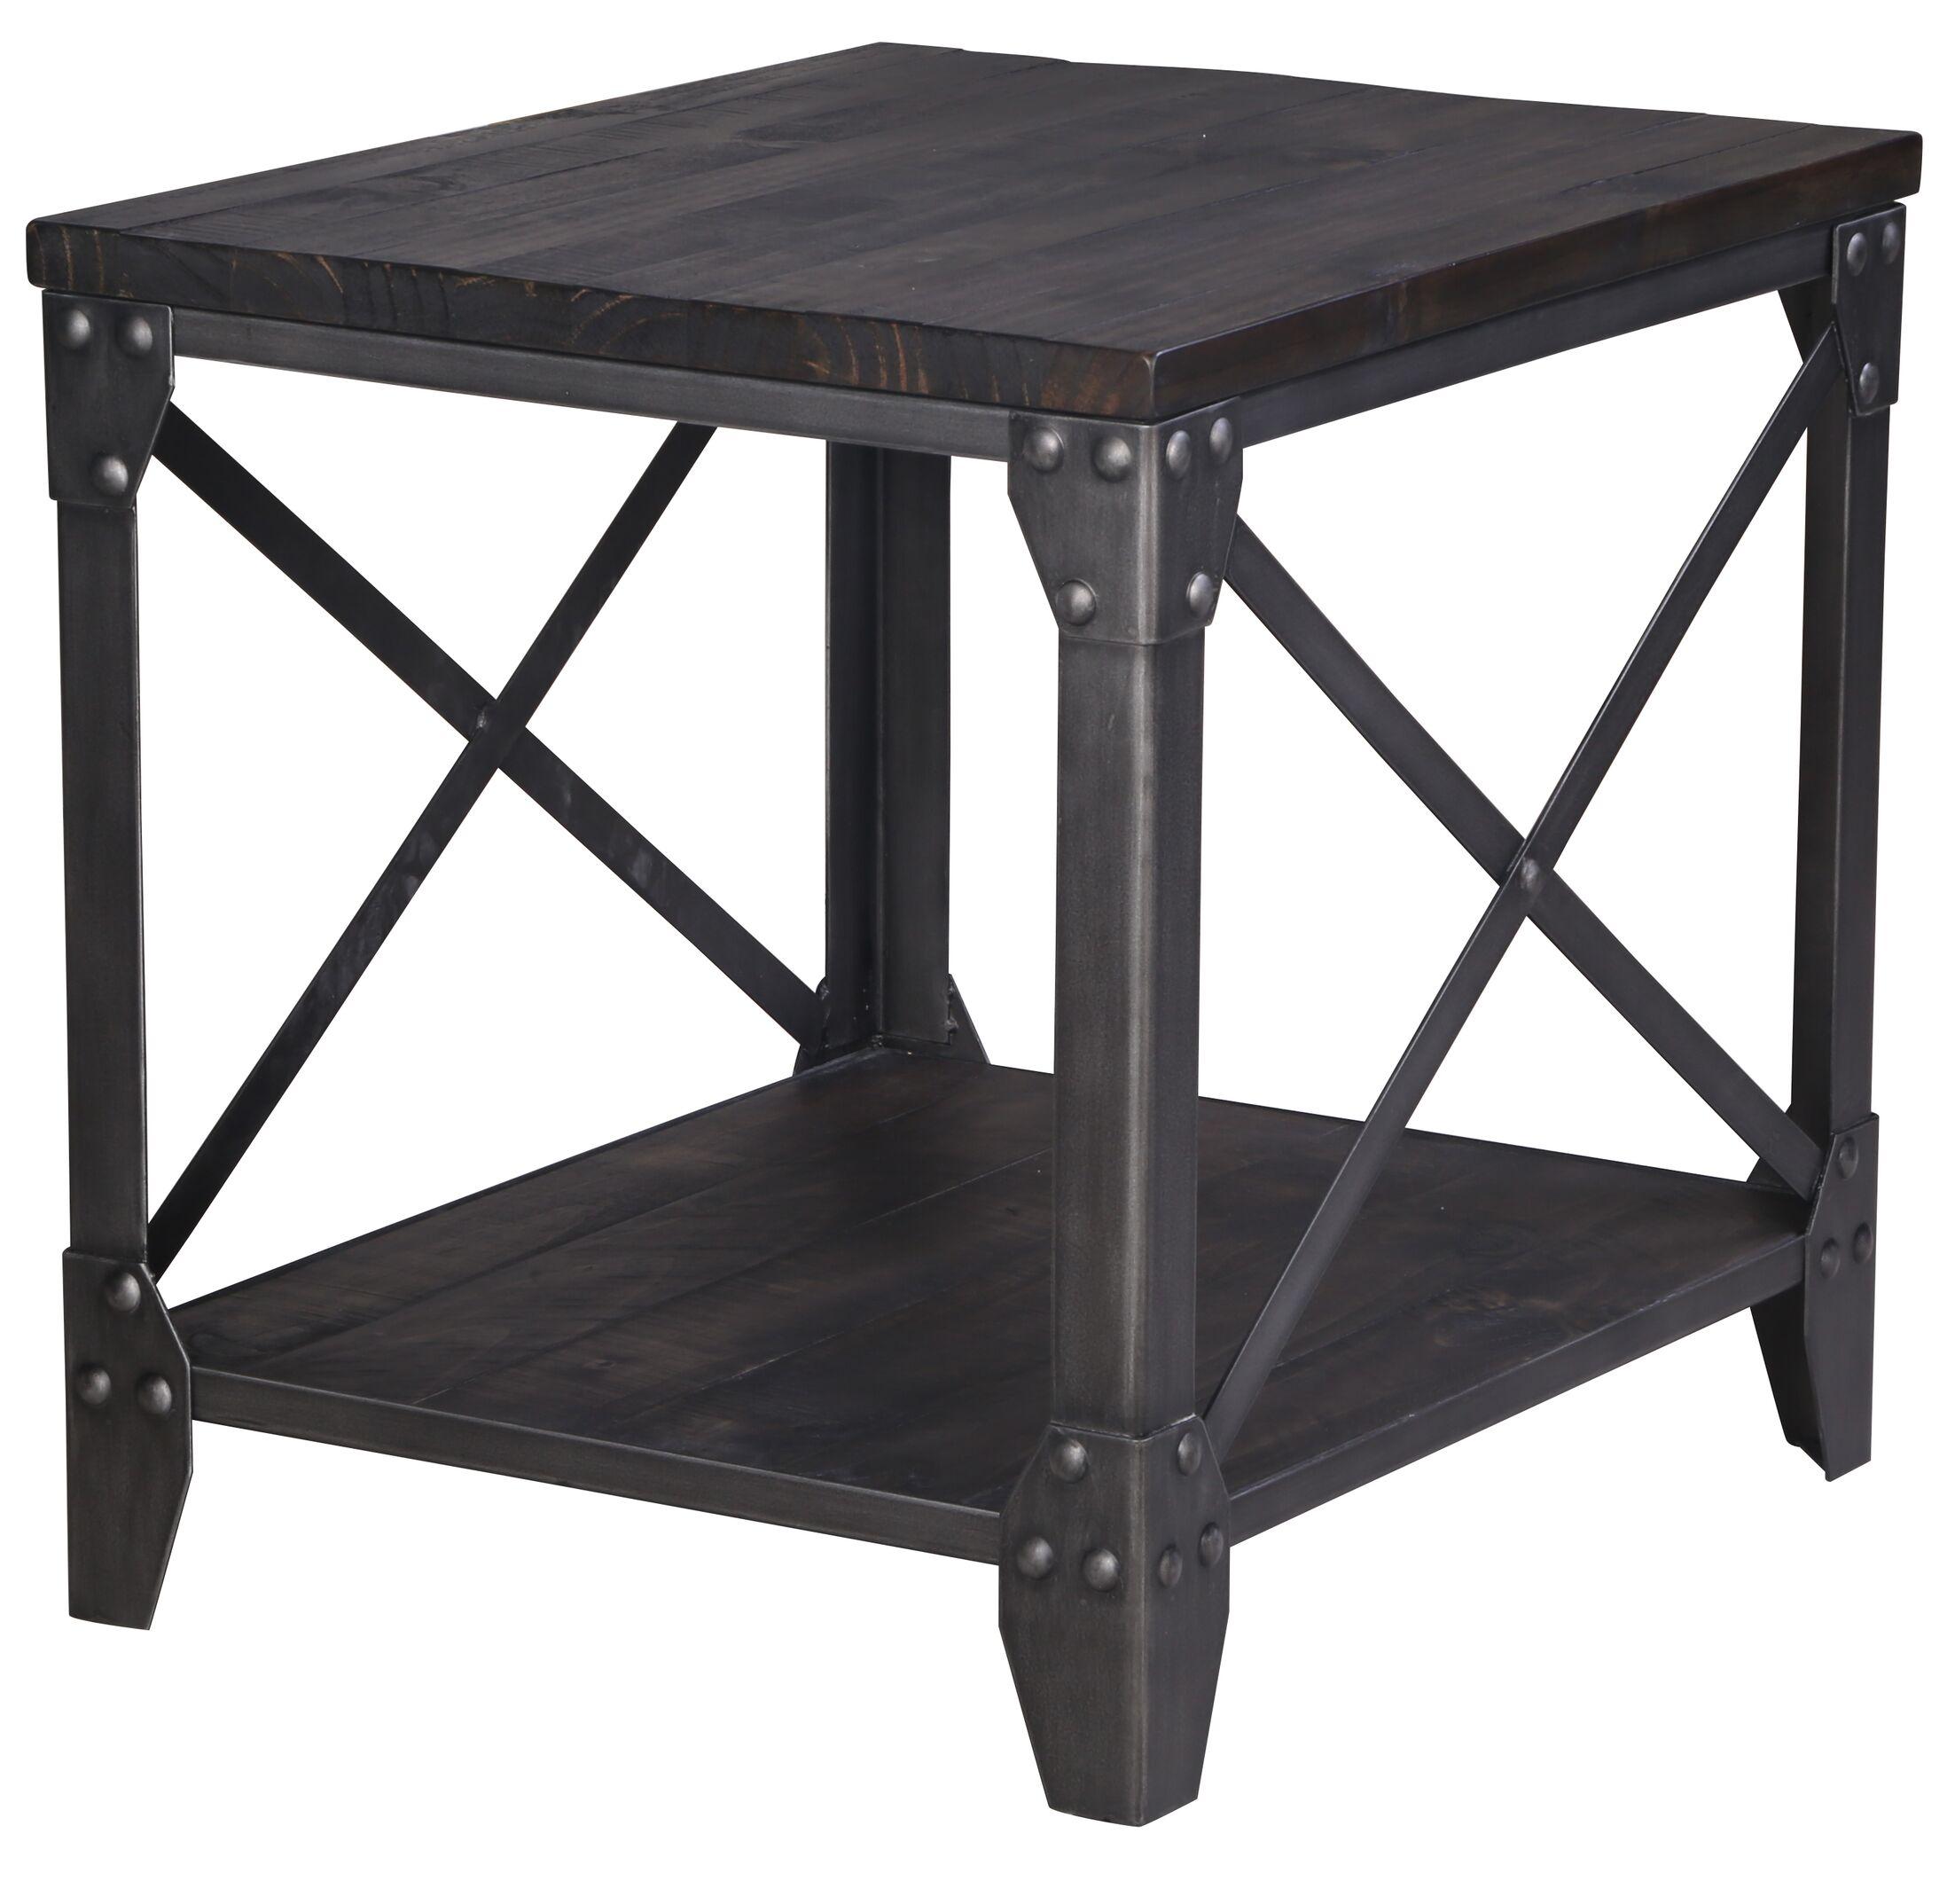 Ensley Industrial End Table